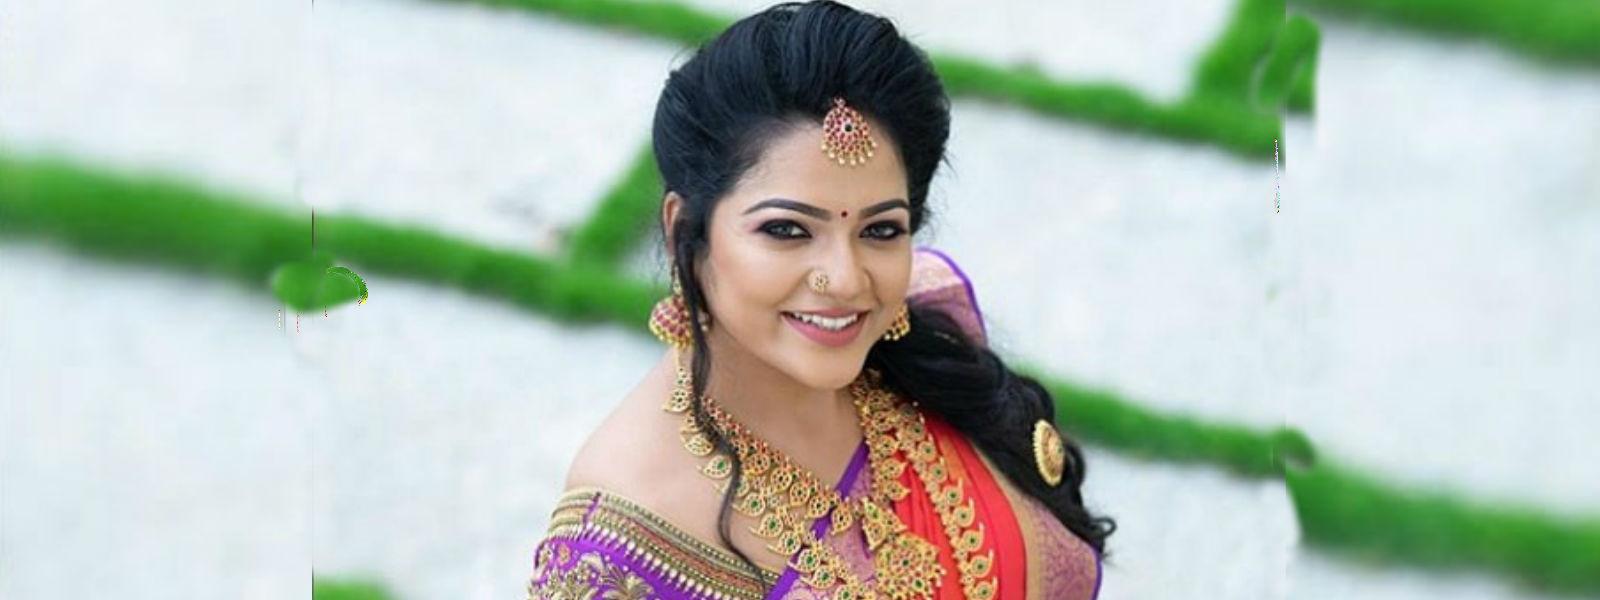 பிரபல சின்னத்திரை நடிகை சித்ரா தற்கொலை